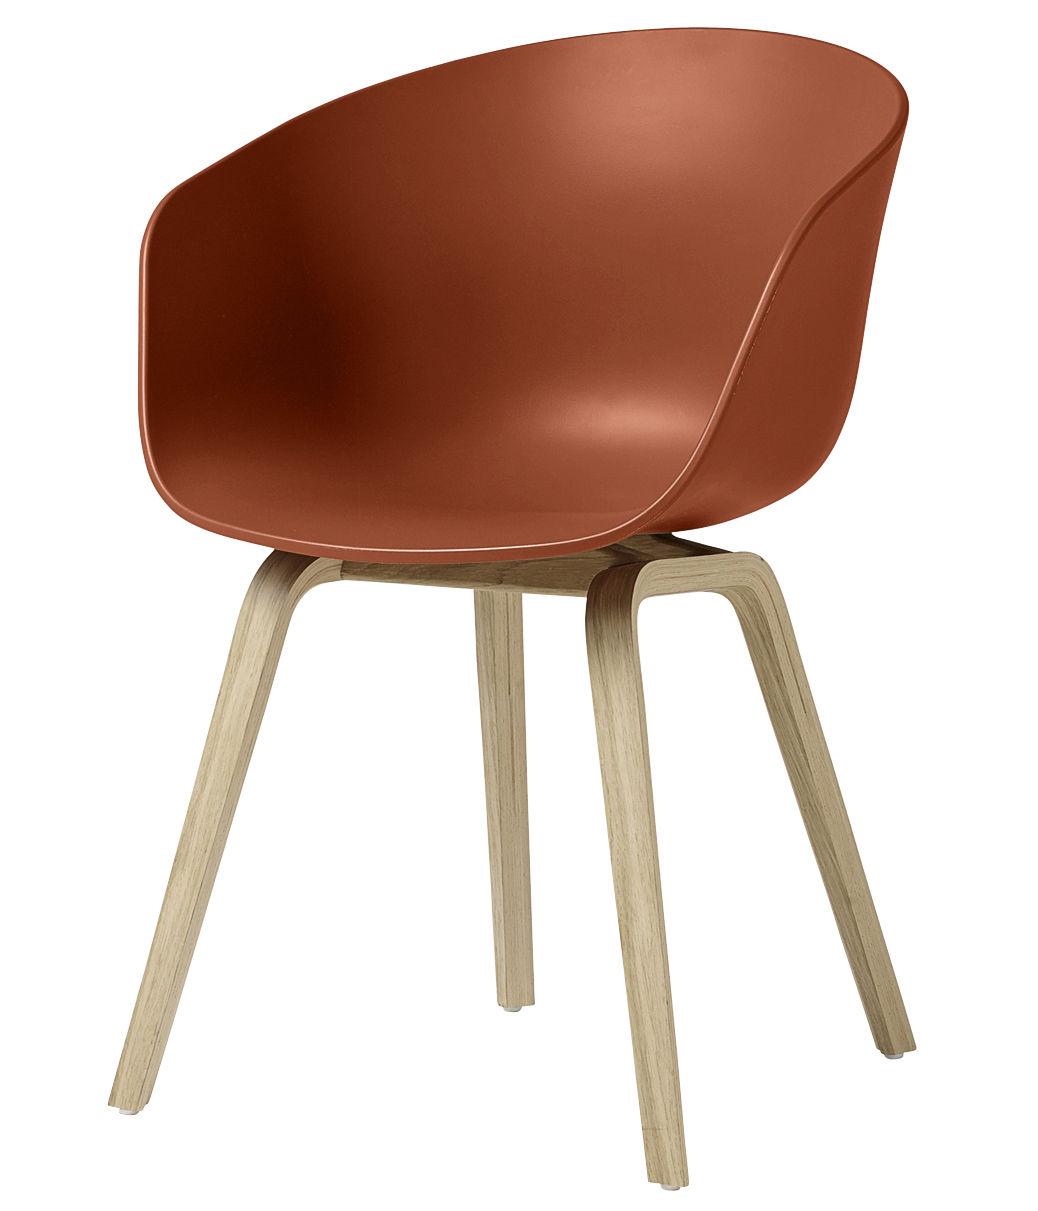 Mobilier - Chaises, fauteuils de salle à manger - Fauteuil About a chair AAC22 / Plastique & pieds bois - Hay - Orange / Pieds bois naturel - Chêne naturel, Polypropylène